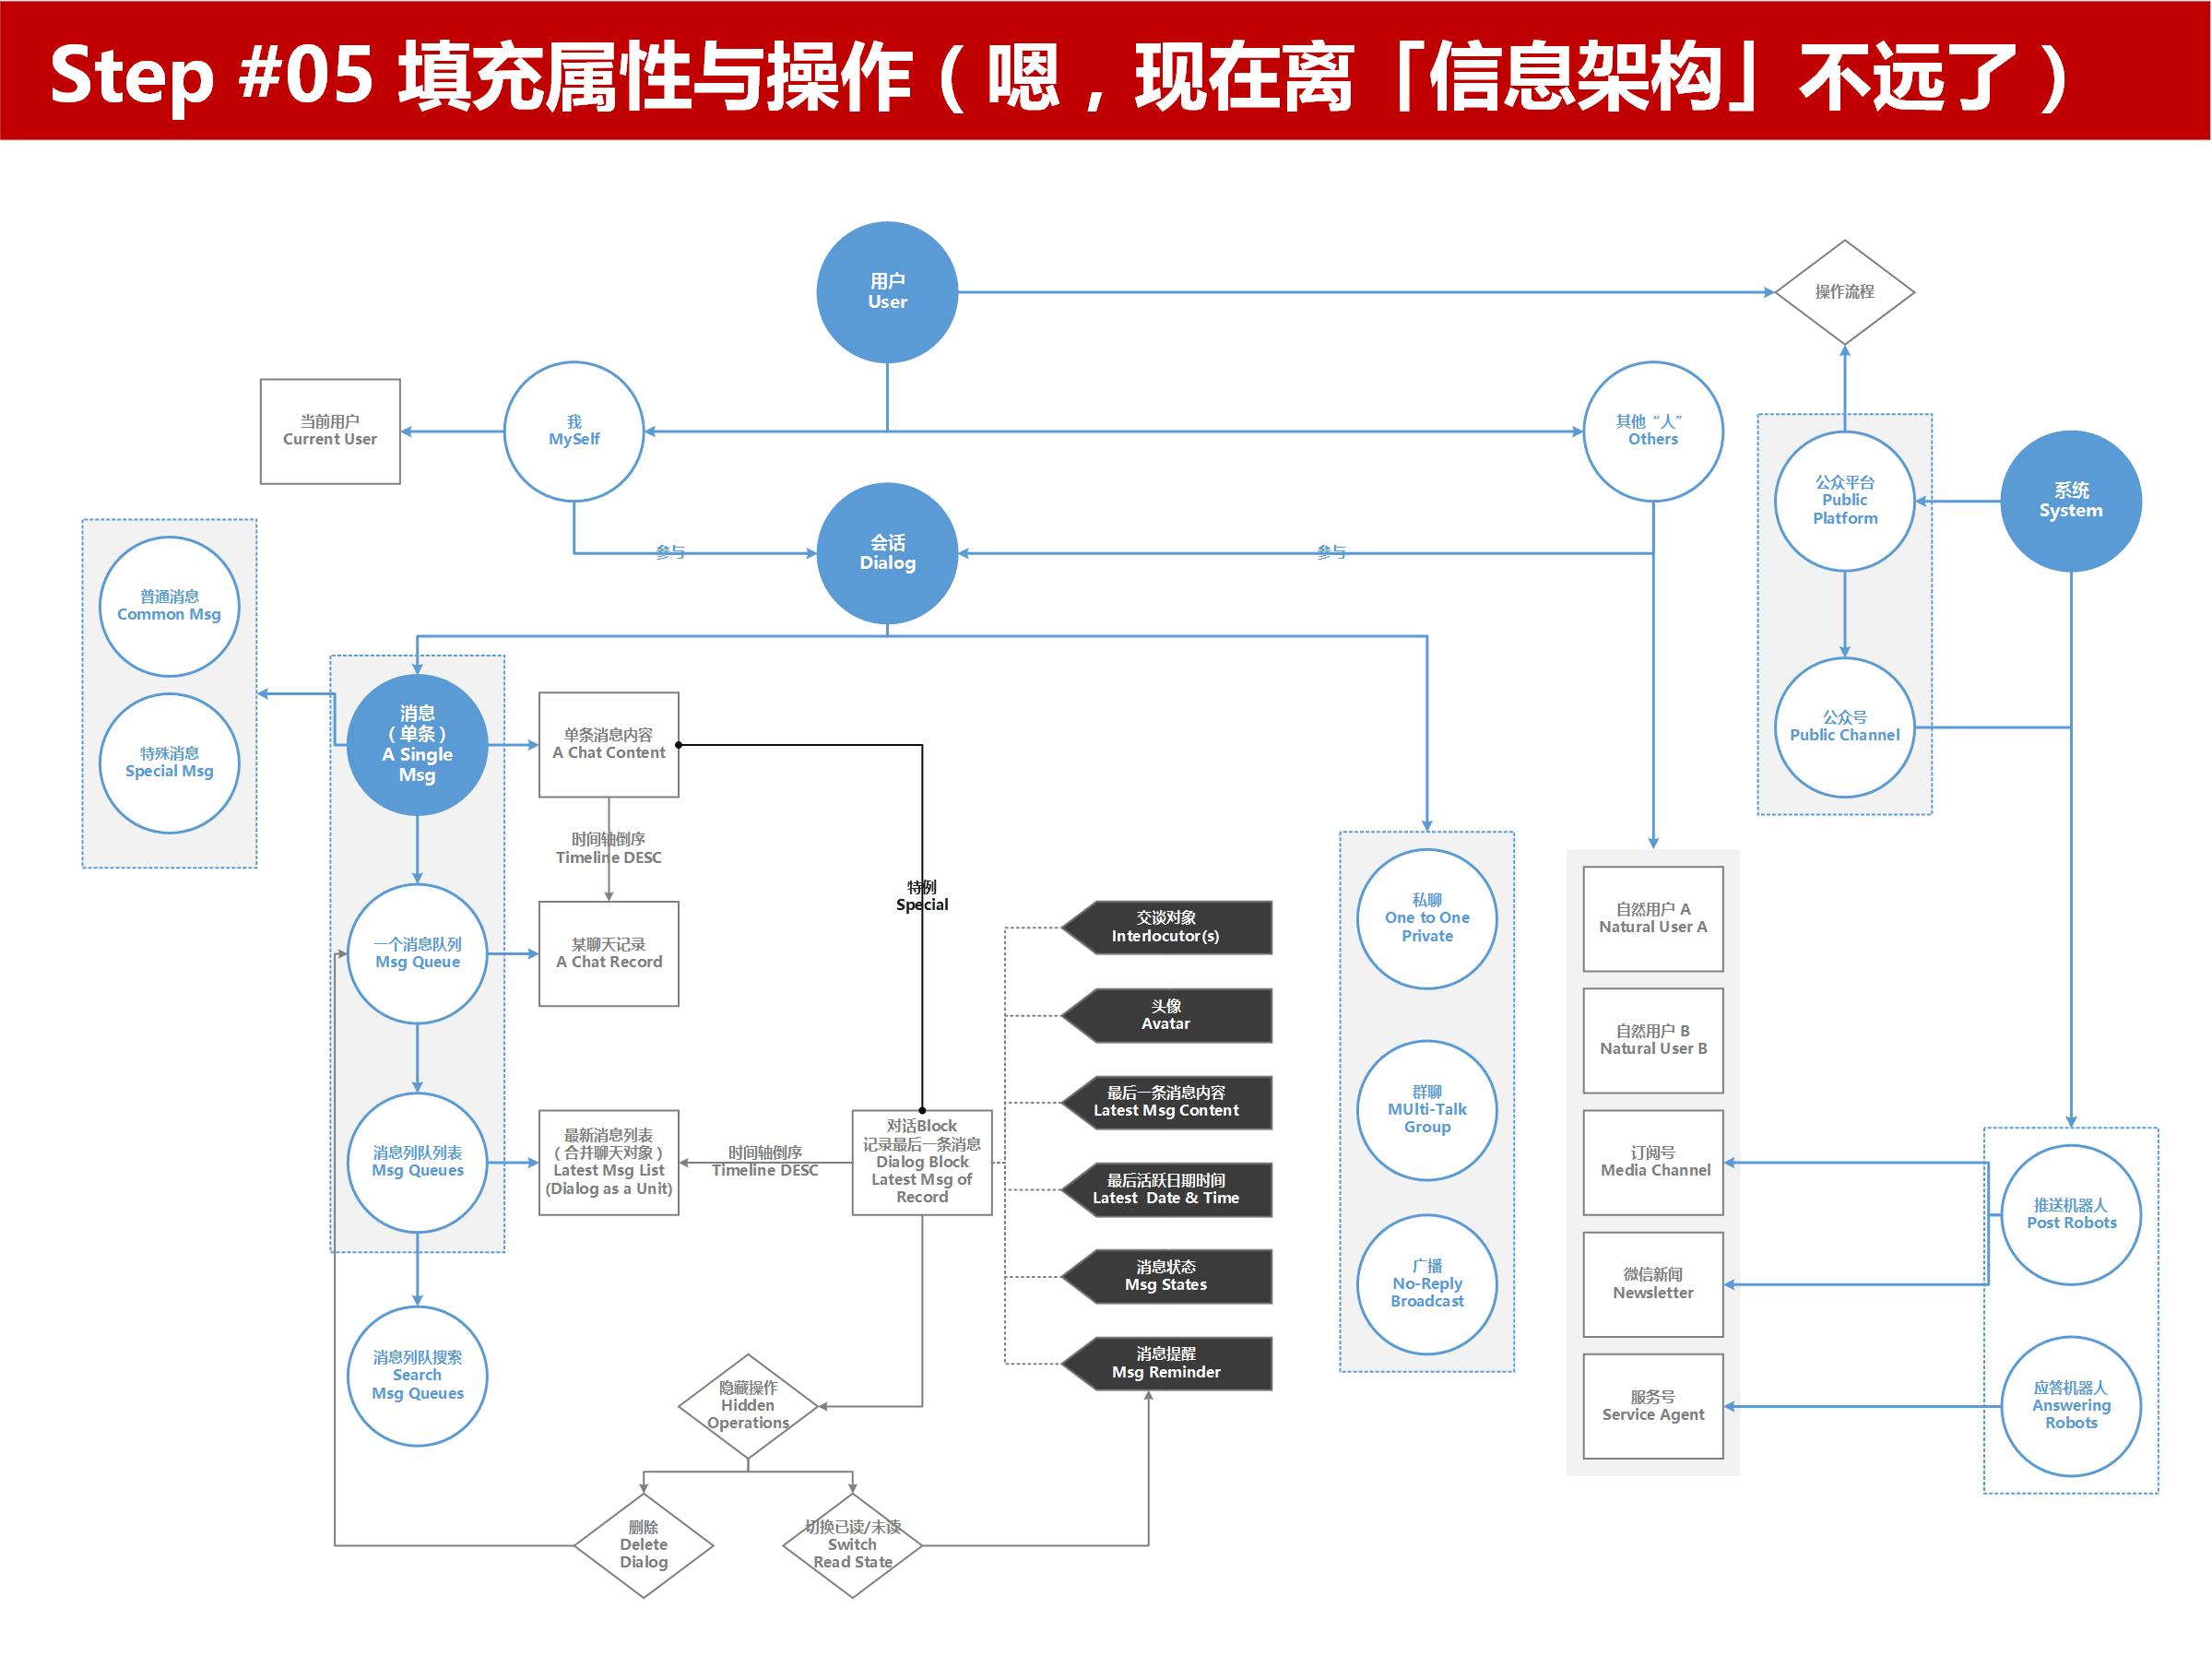 信息架构设计步骤step05填充属性与操作